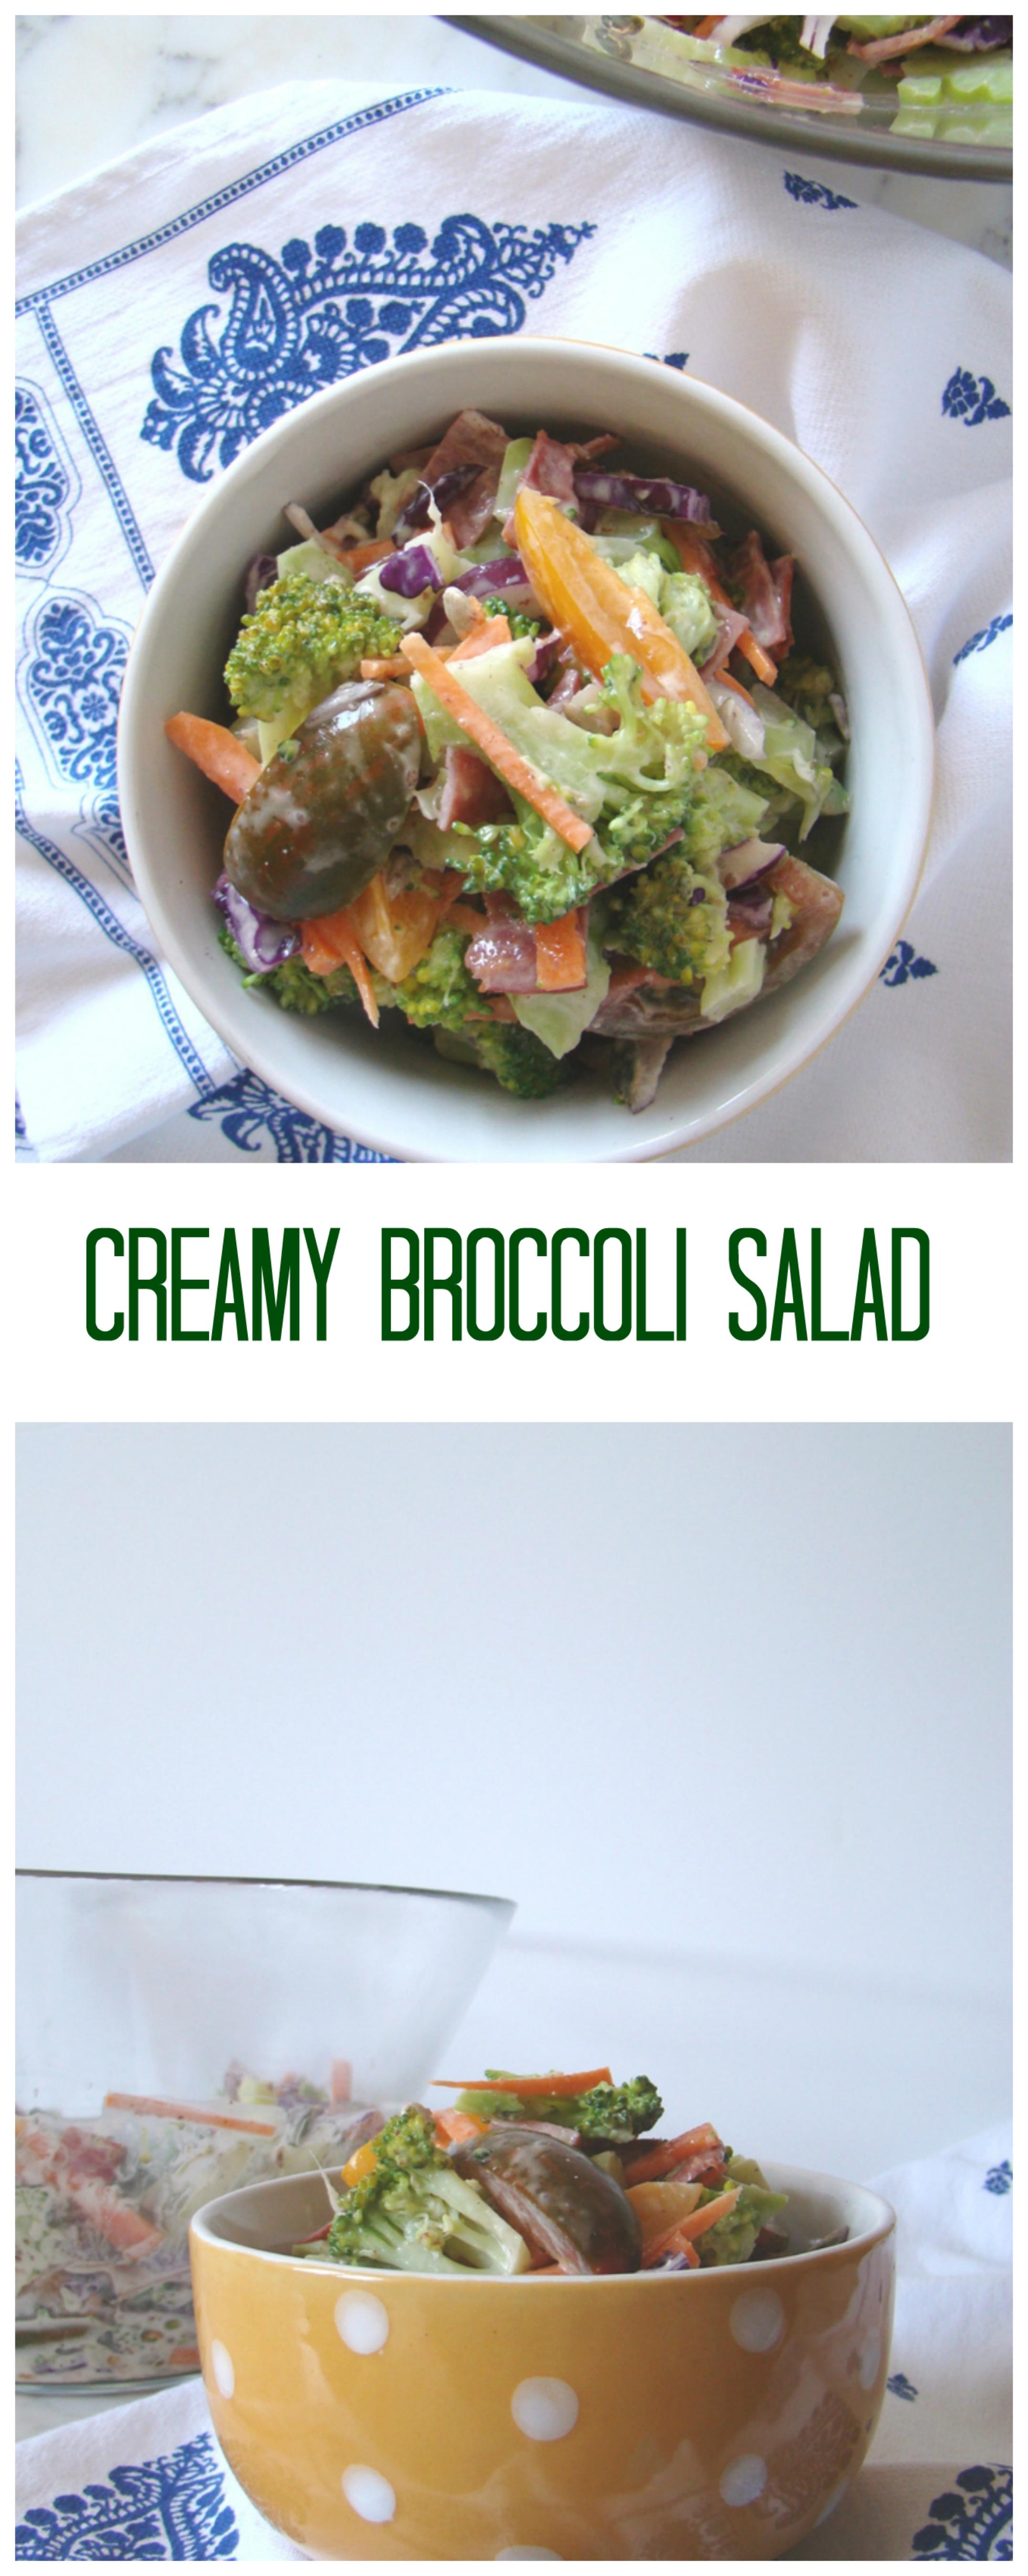 Creamy Broccoli Salad | booksandlavender.com